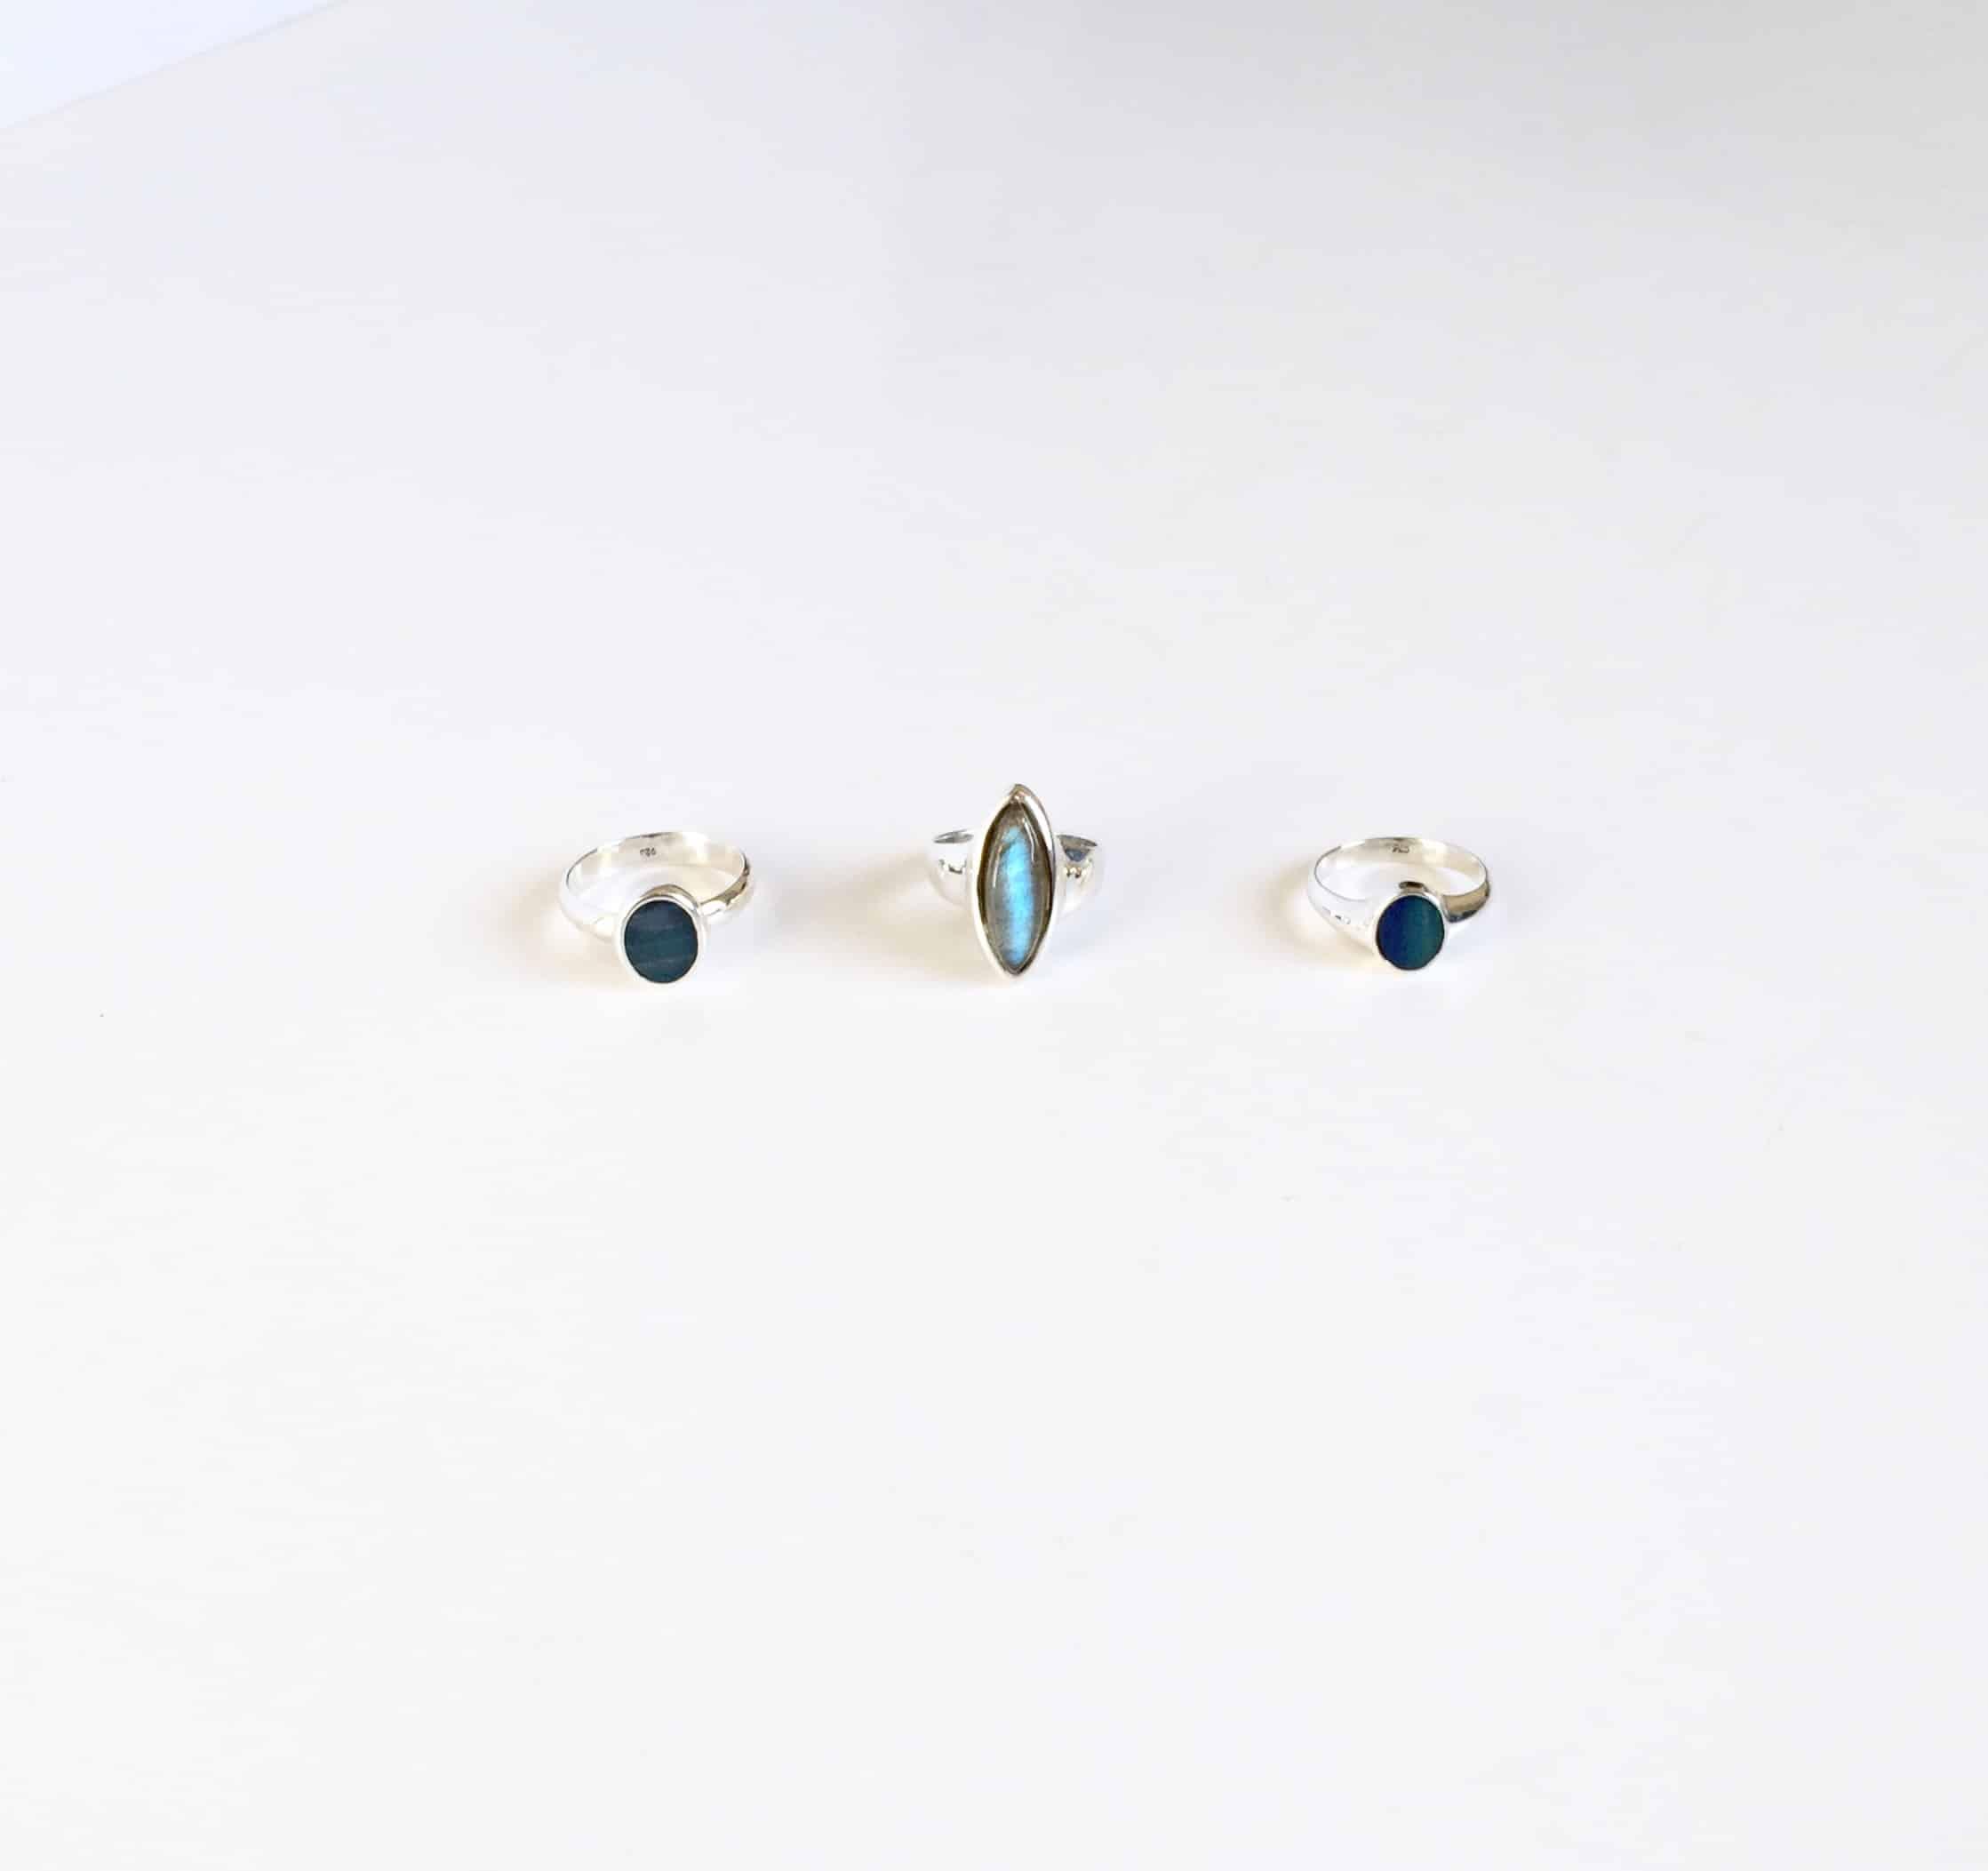 Marco-de-Koster-rings-Queensland-opal